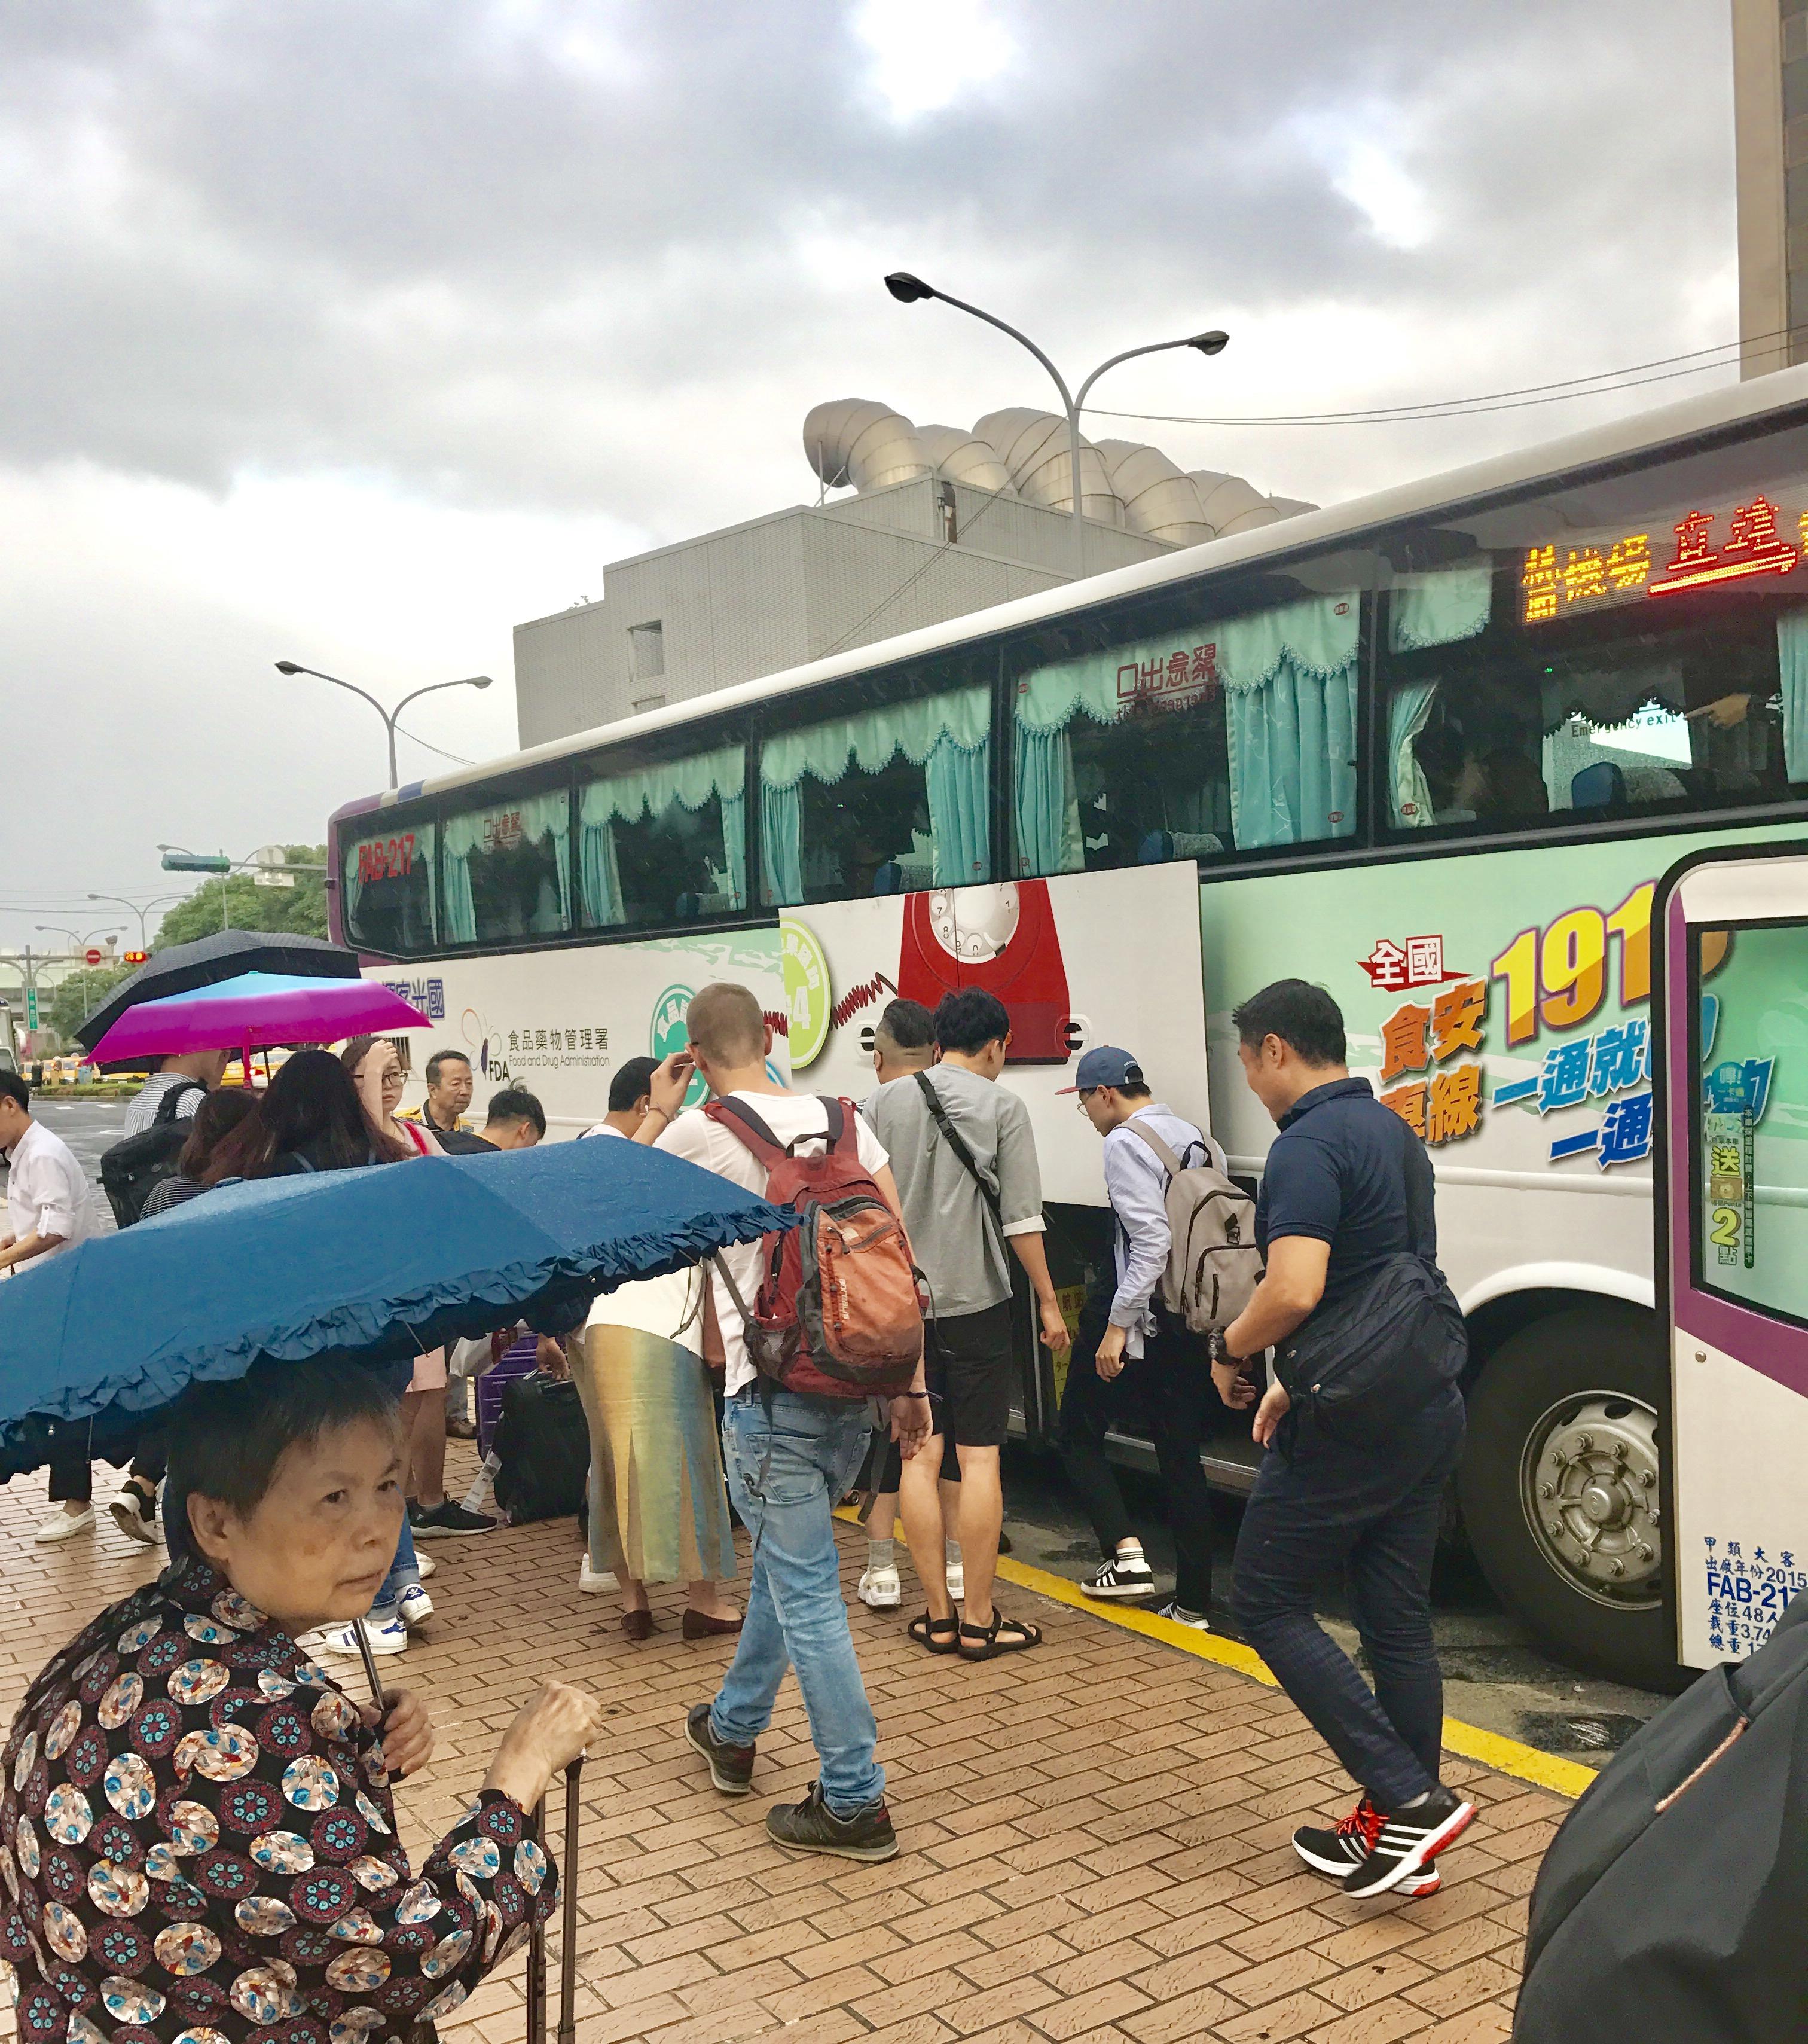 桃園空港から台北駅への移動のバス-1